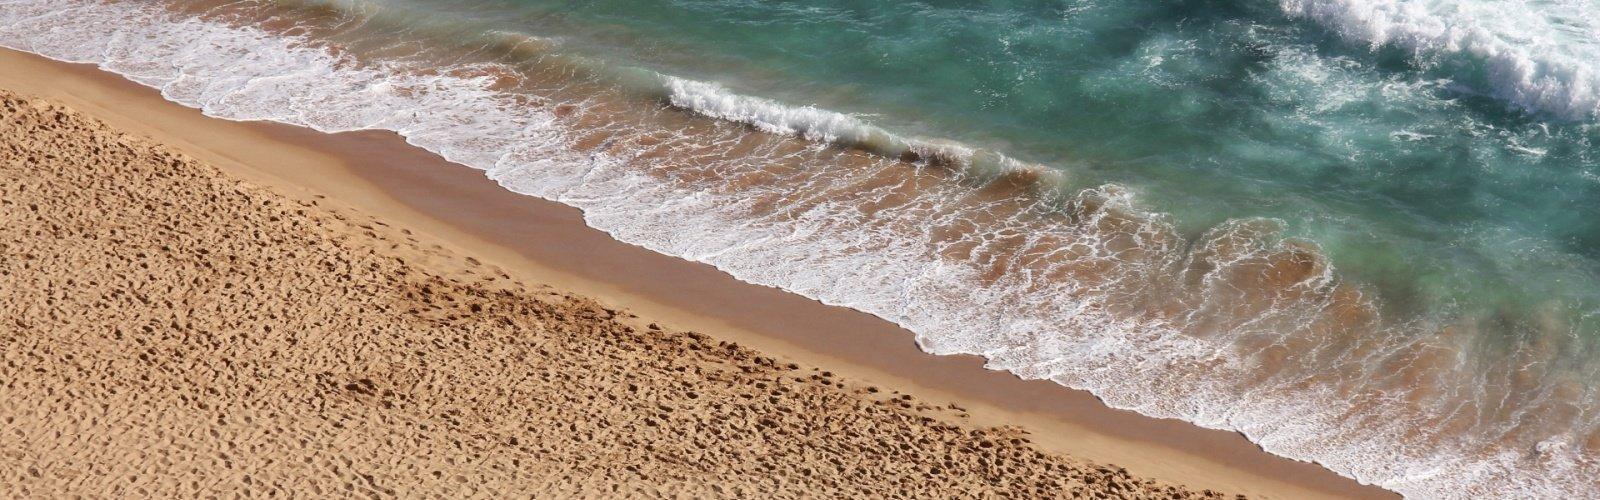 Morska kuracja w Mielnie – jakie korzyści z tego płyną?